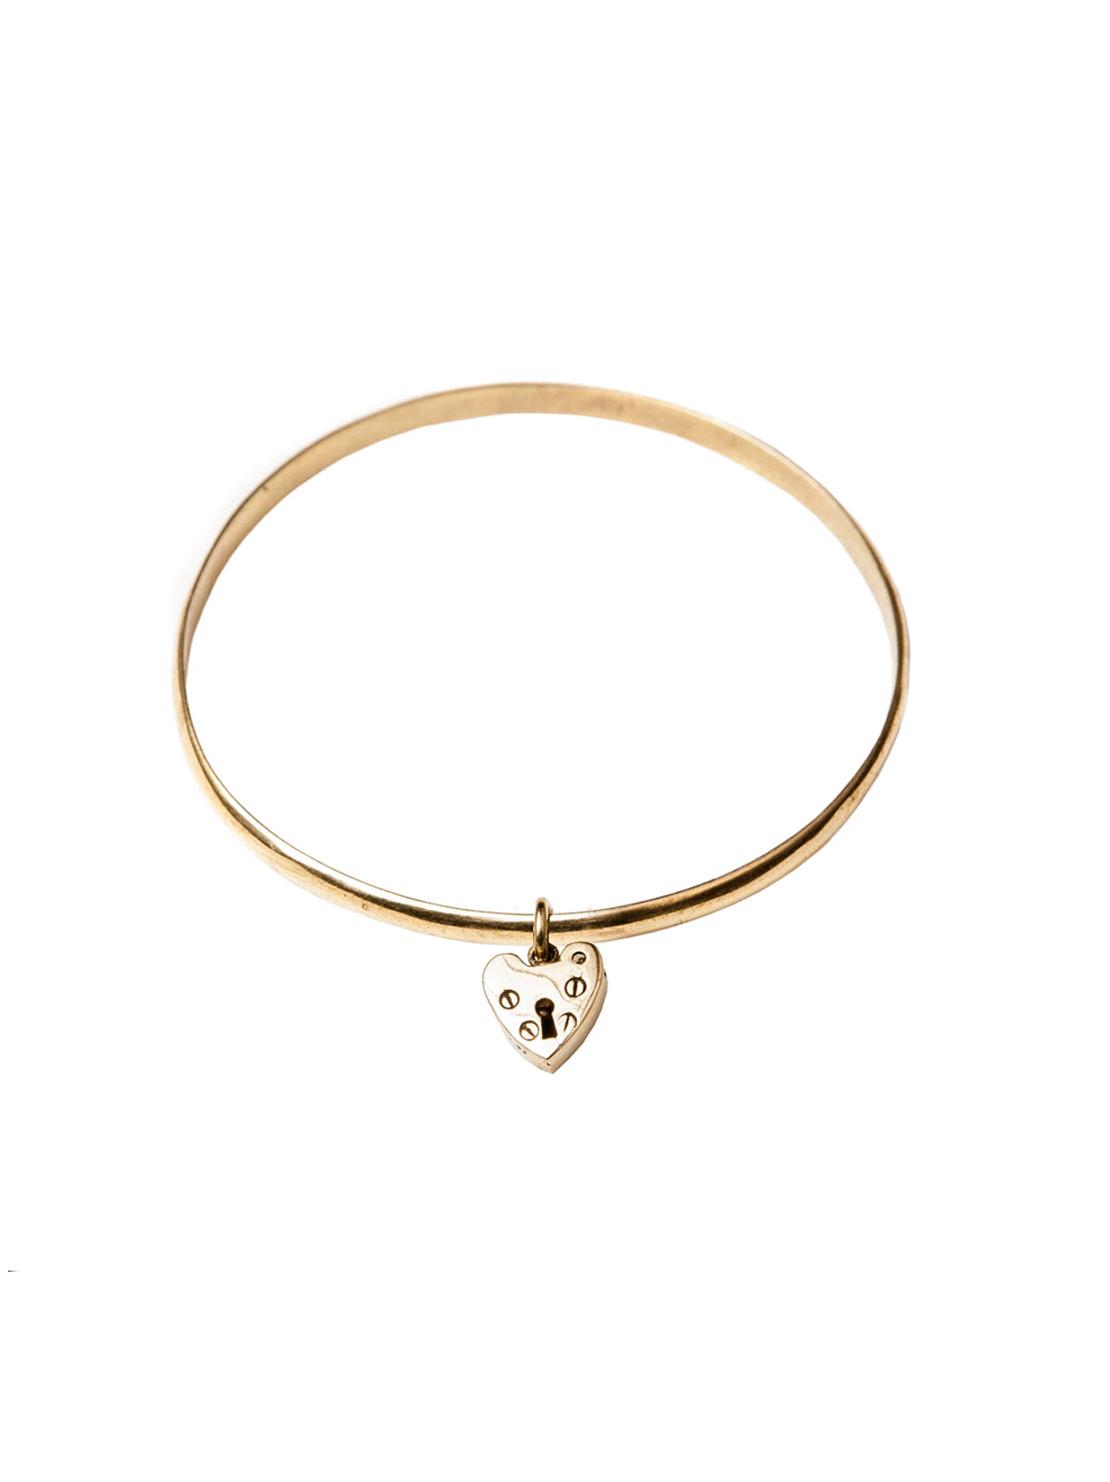 Tiny Brass Heart Bangle